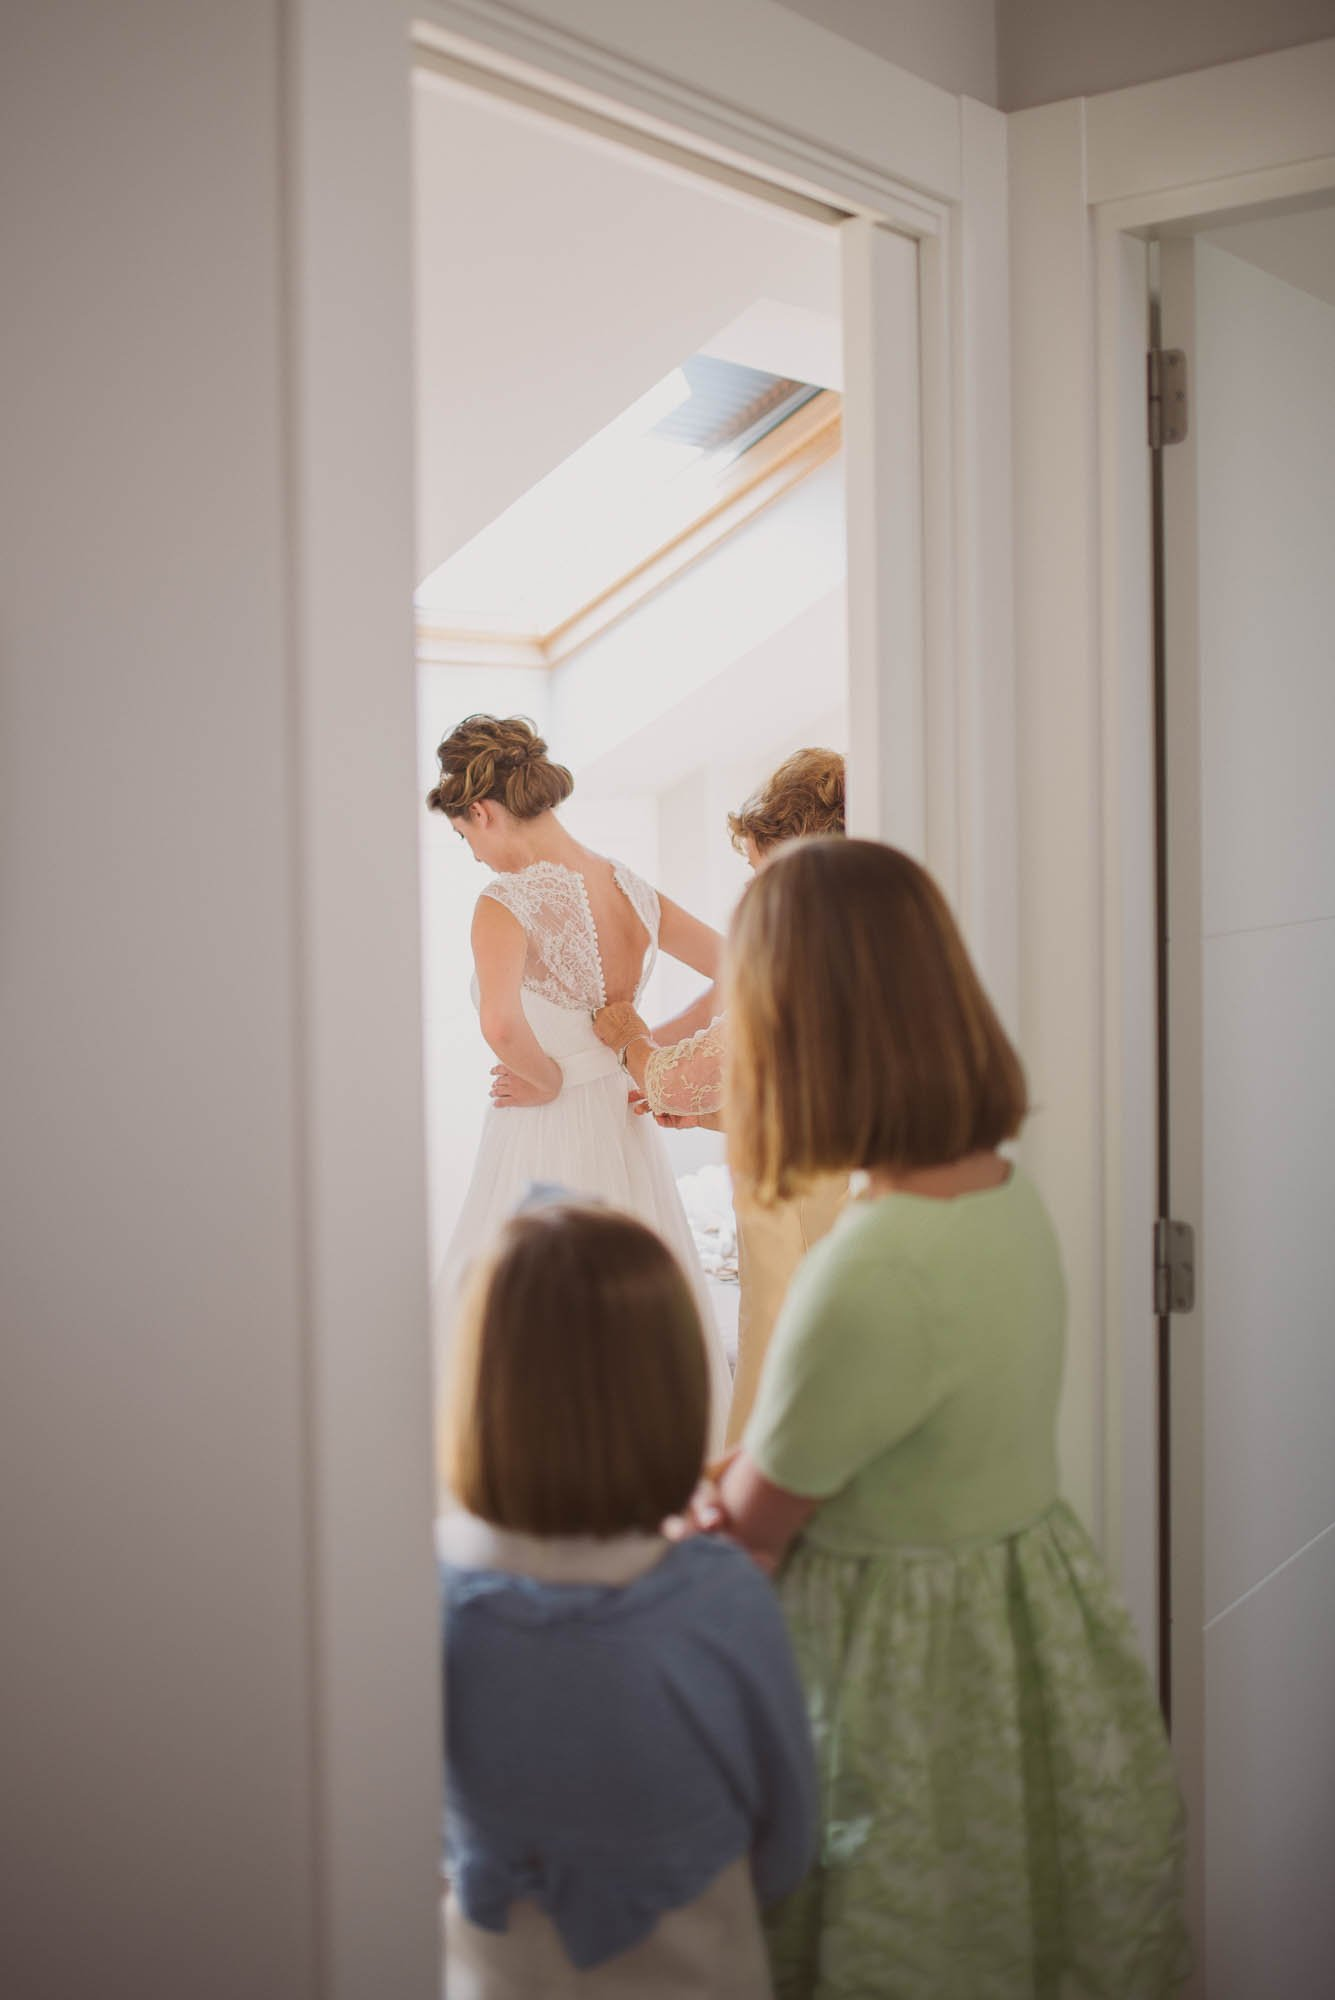 La madre ayuda a la novia a ponerse el vestido mientras las niñas la miran